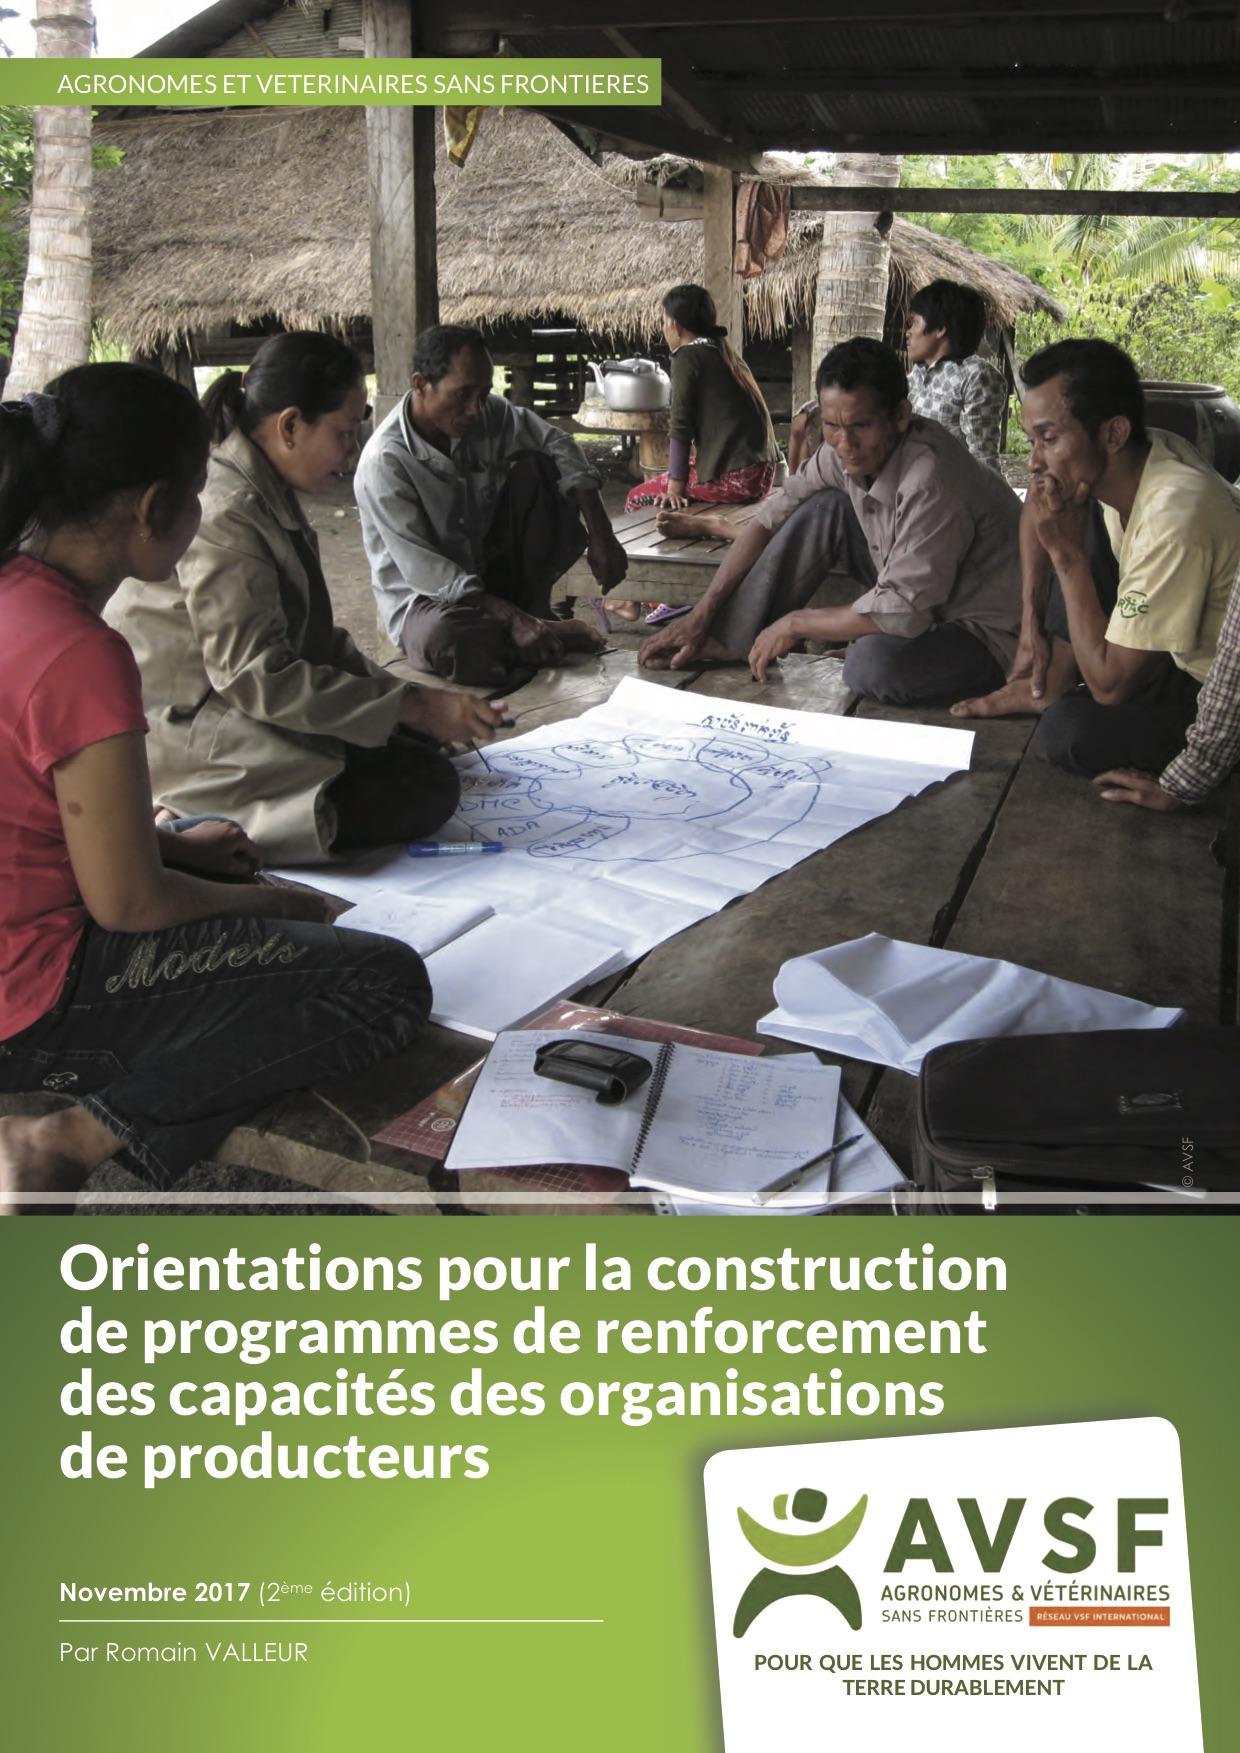 Orientations pour la construction de programmes de renforcement des capacités des organisations de producteurs Image principale